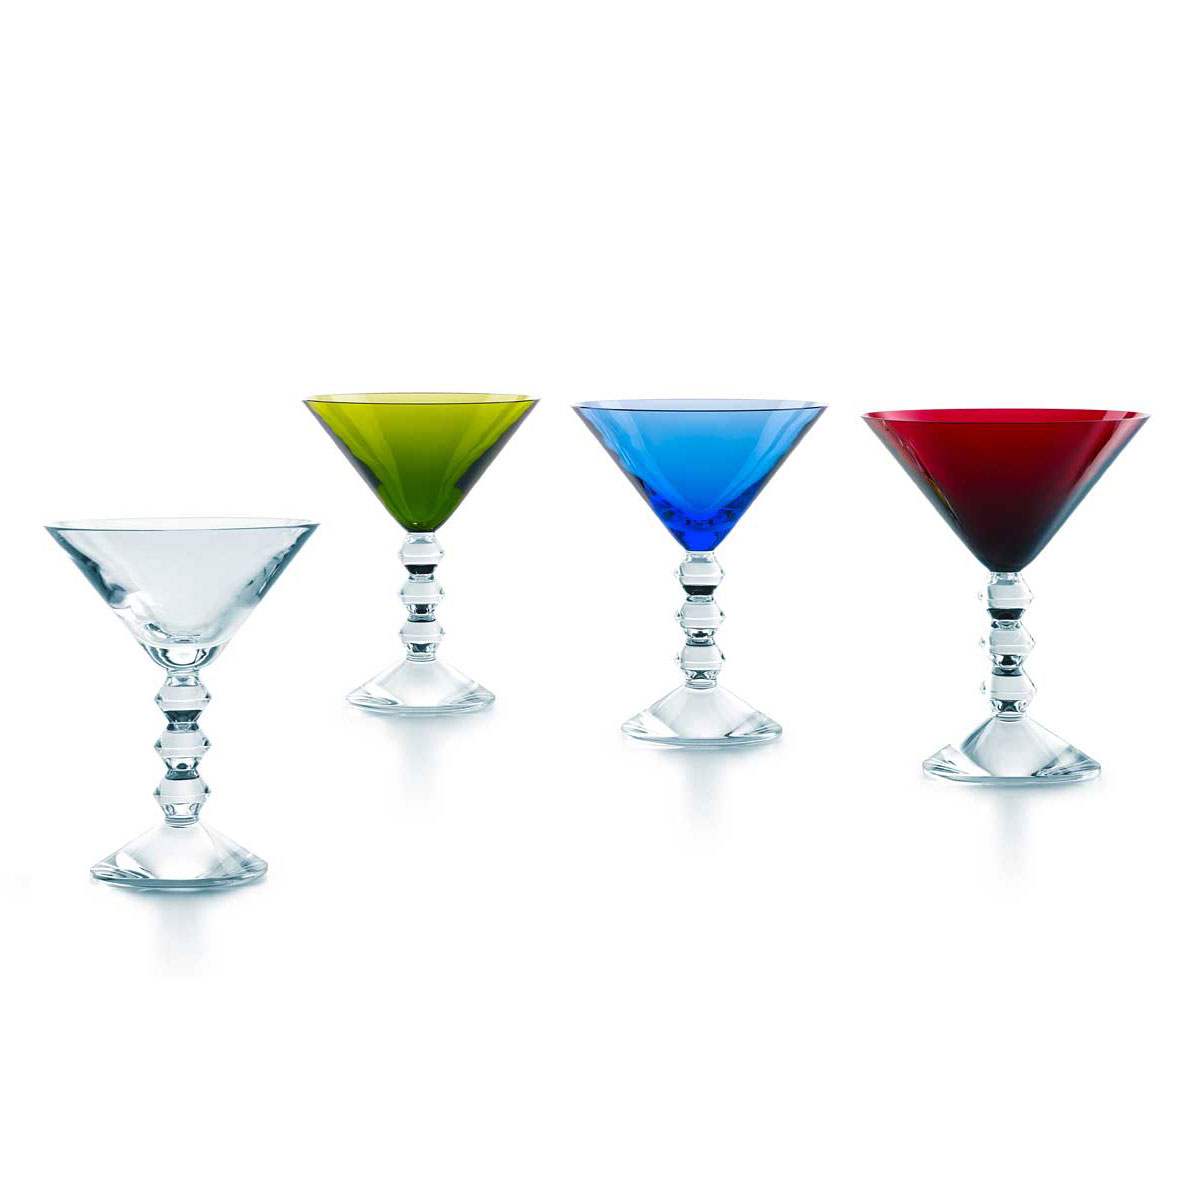 Baccarat Crystal, Vega Martini Glasses Color Set of 4